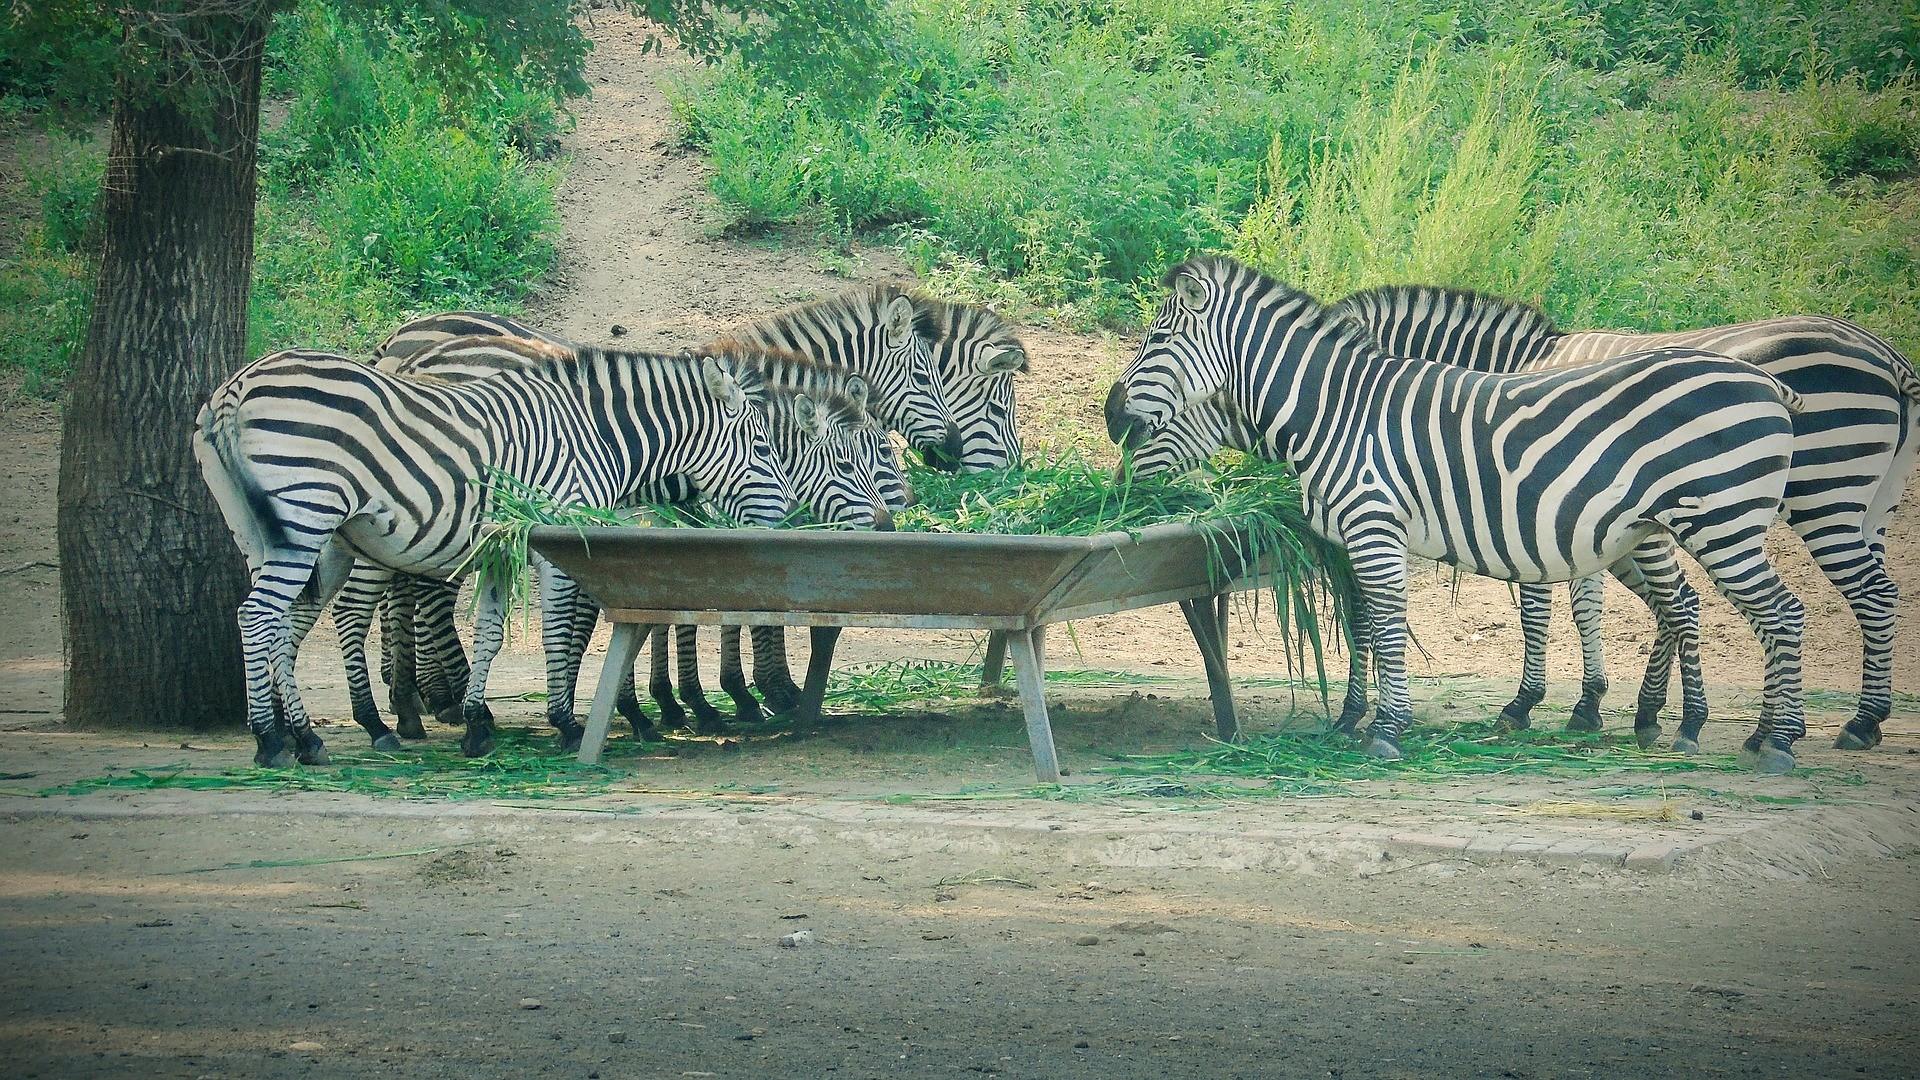 Zebras têm excelente visão e padrões únicos de listras. Elas se juntam em bandos para escapar dos predadores.  (Foto: Pixabay)